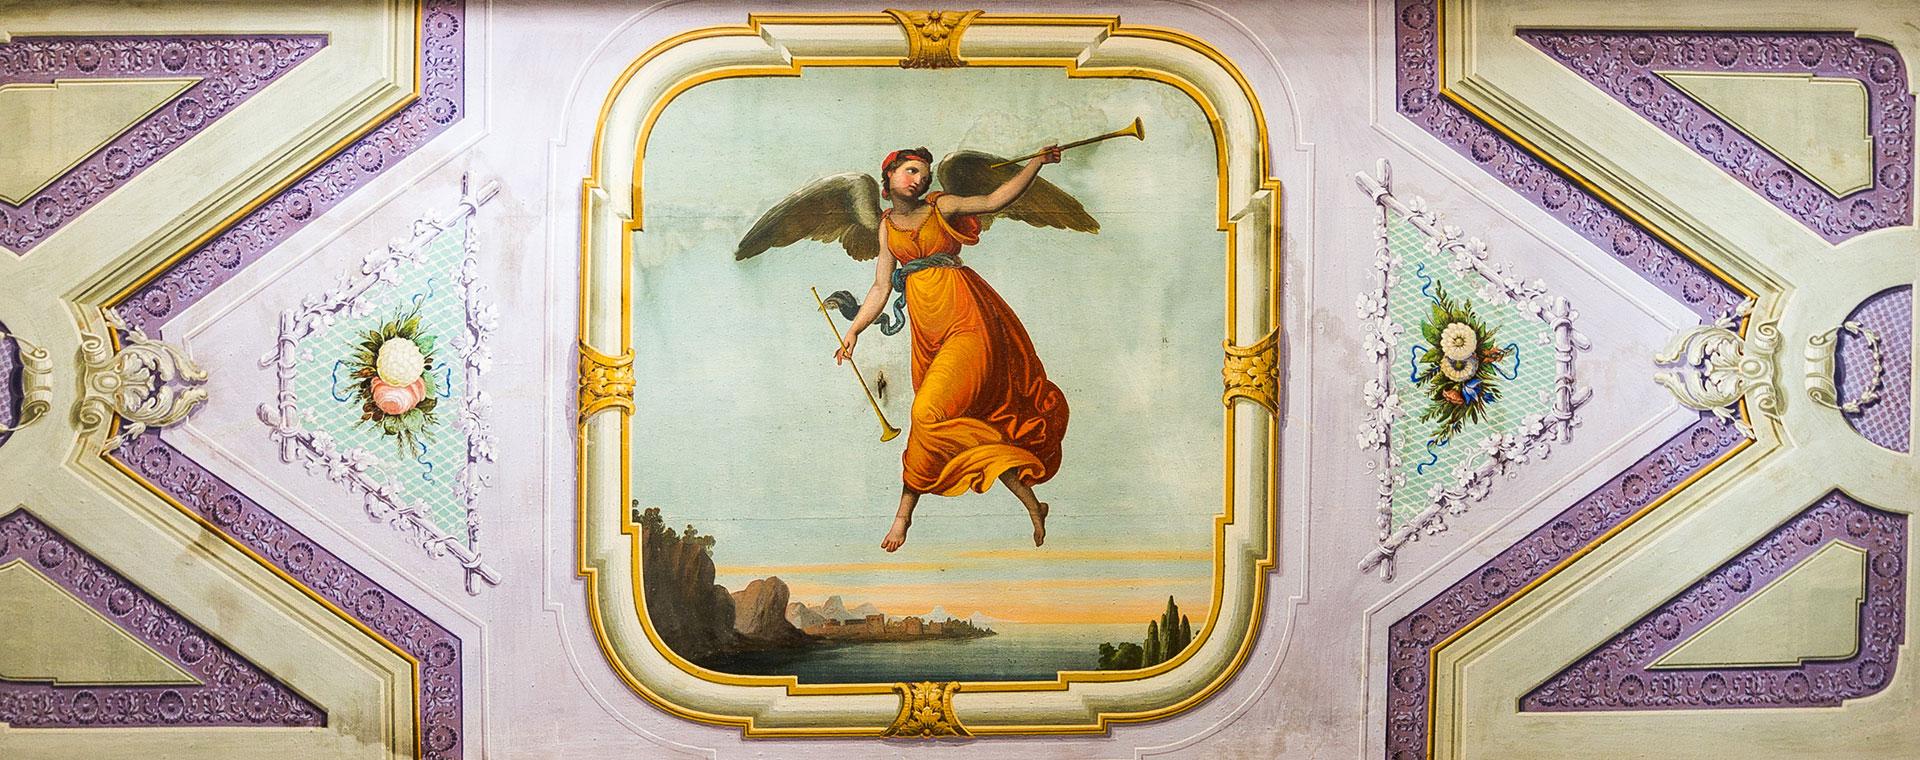 Toscana villa con affreschi in vendita ad Arezzo